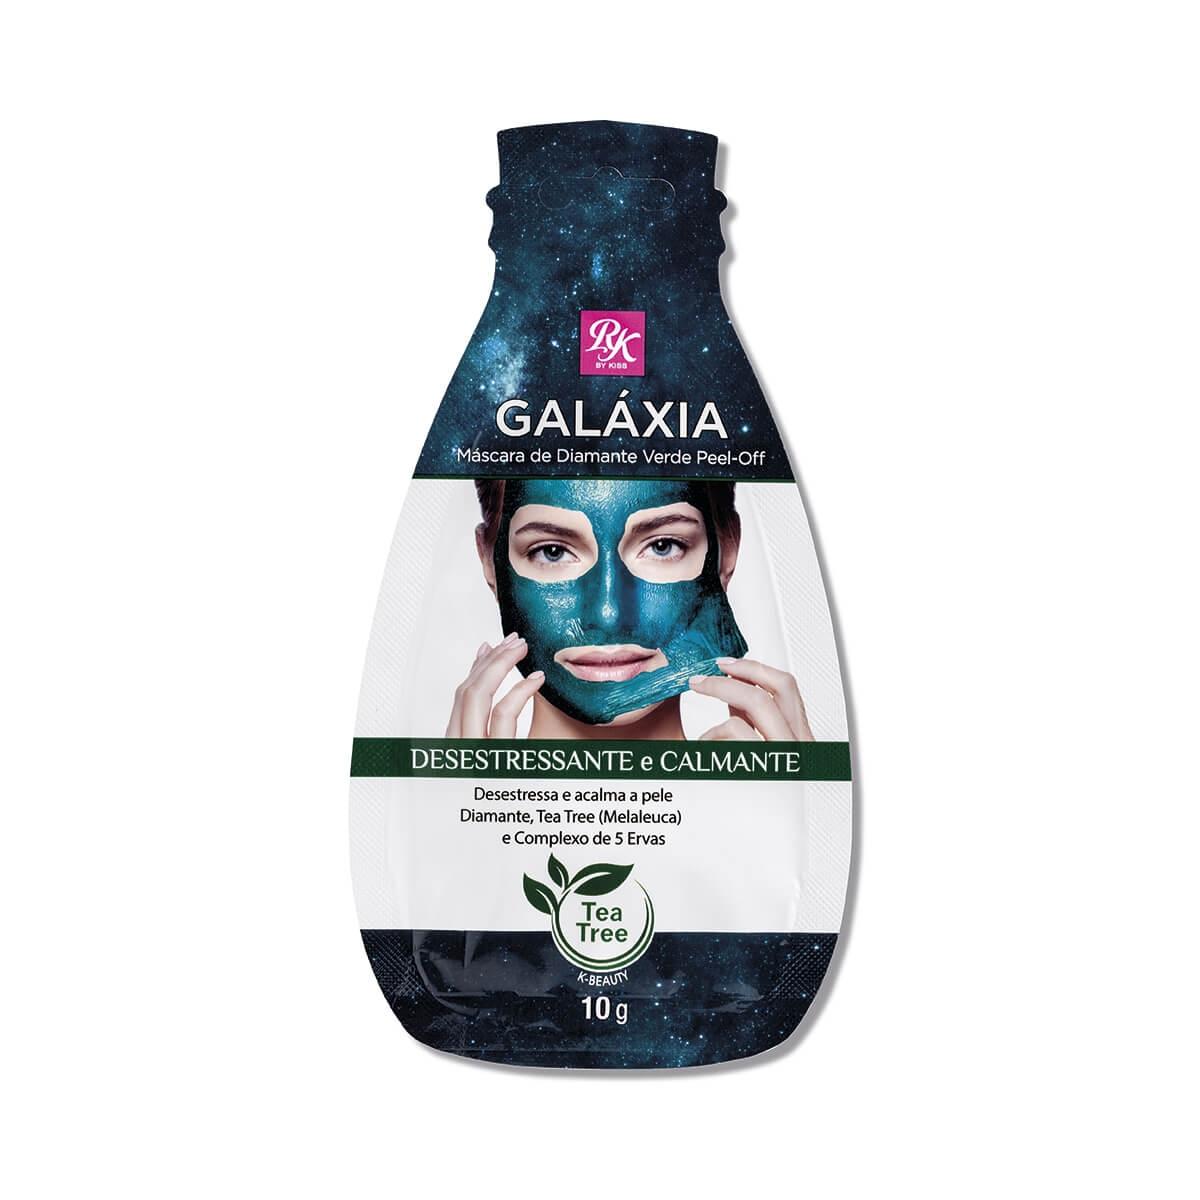 Máscara Facial de Diamante Verde Peel-Off RK By Kiss Desestressante e Calmante 10g